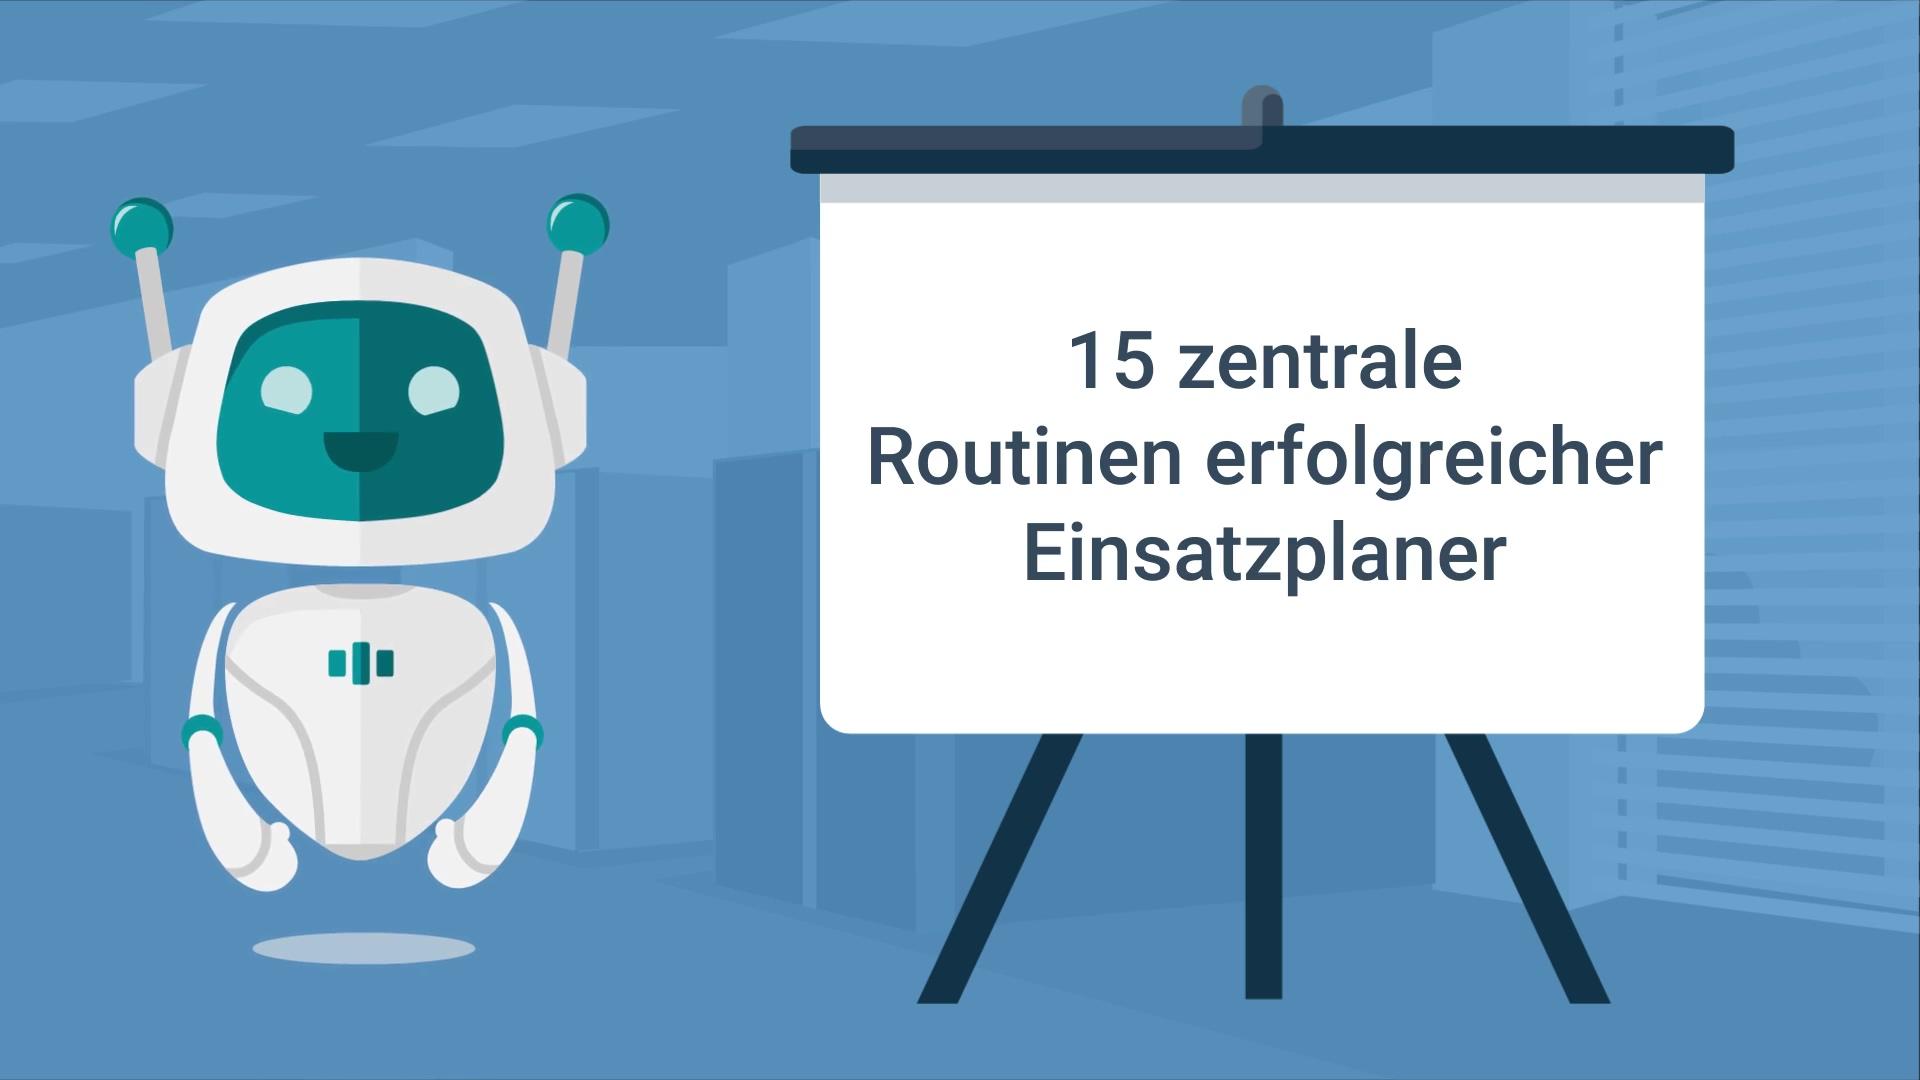 2019-05-03_15_Routinen_erfolgreicher_Einsatzplaner_DE